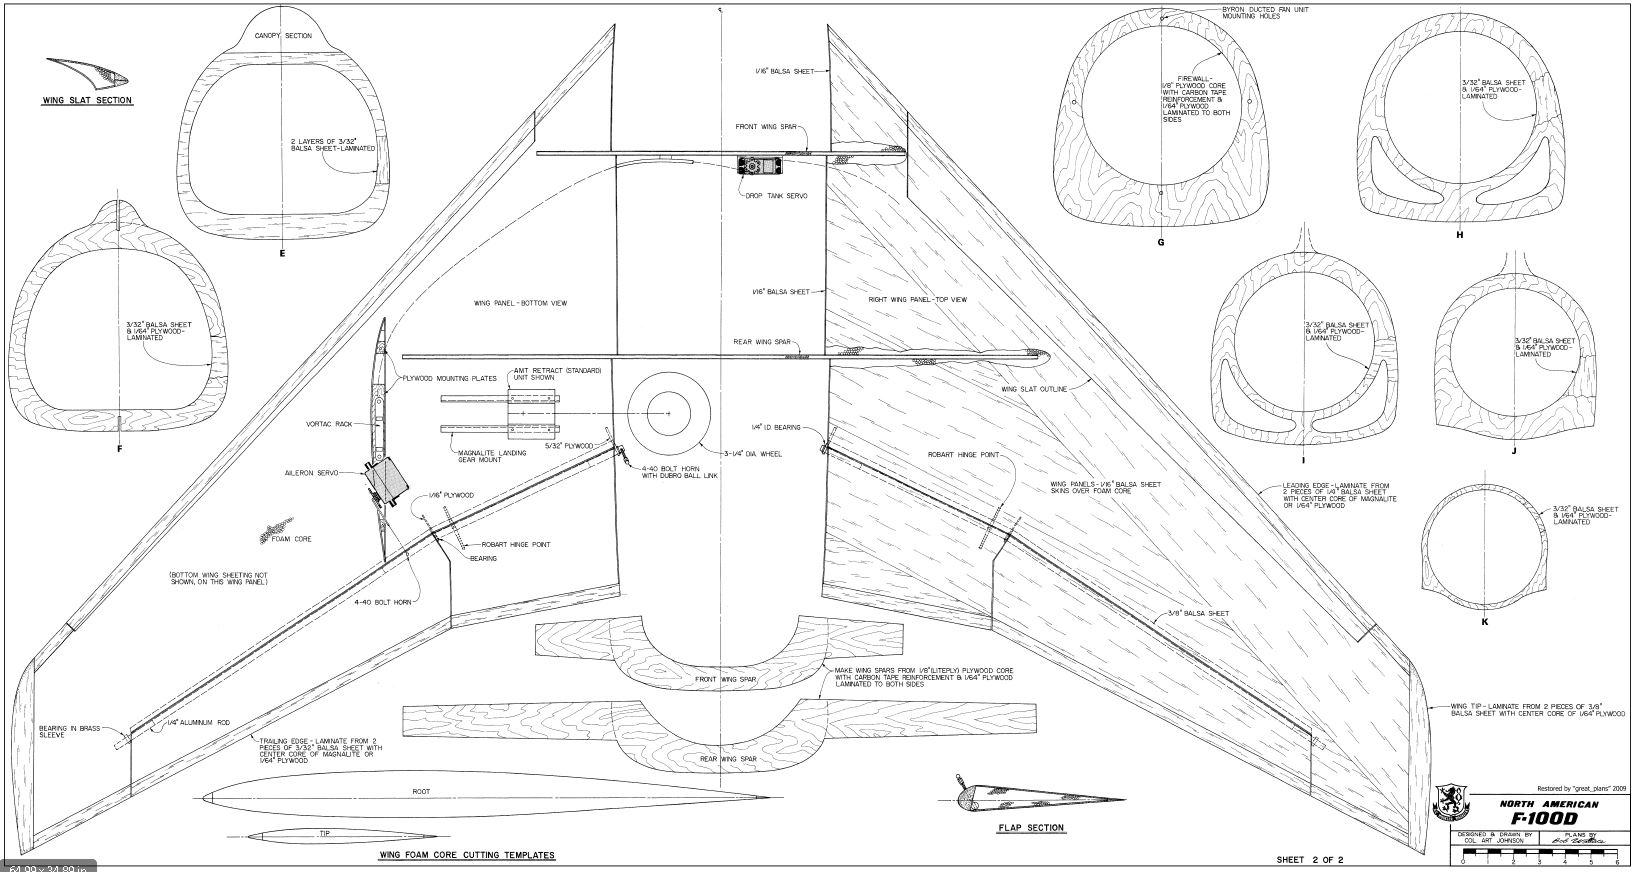 F-100 Super Sabre 1/8th Build (70